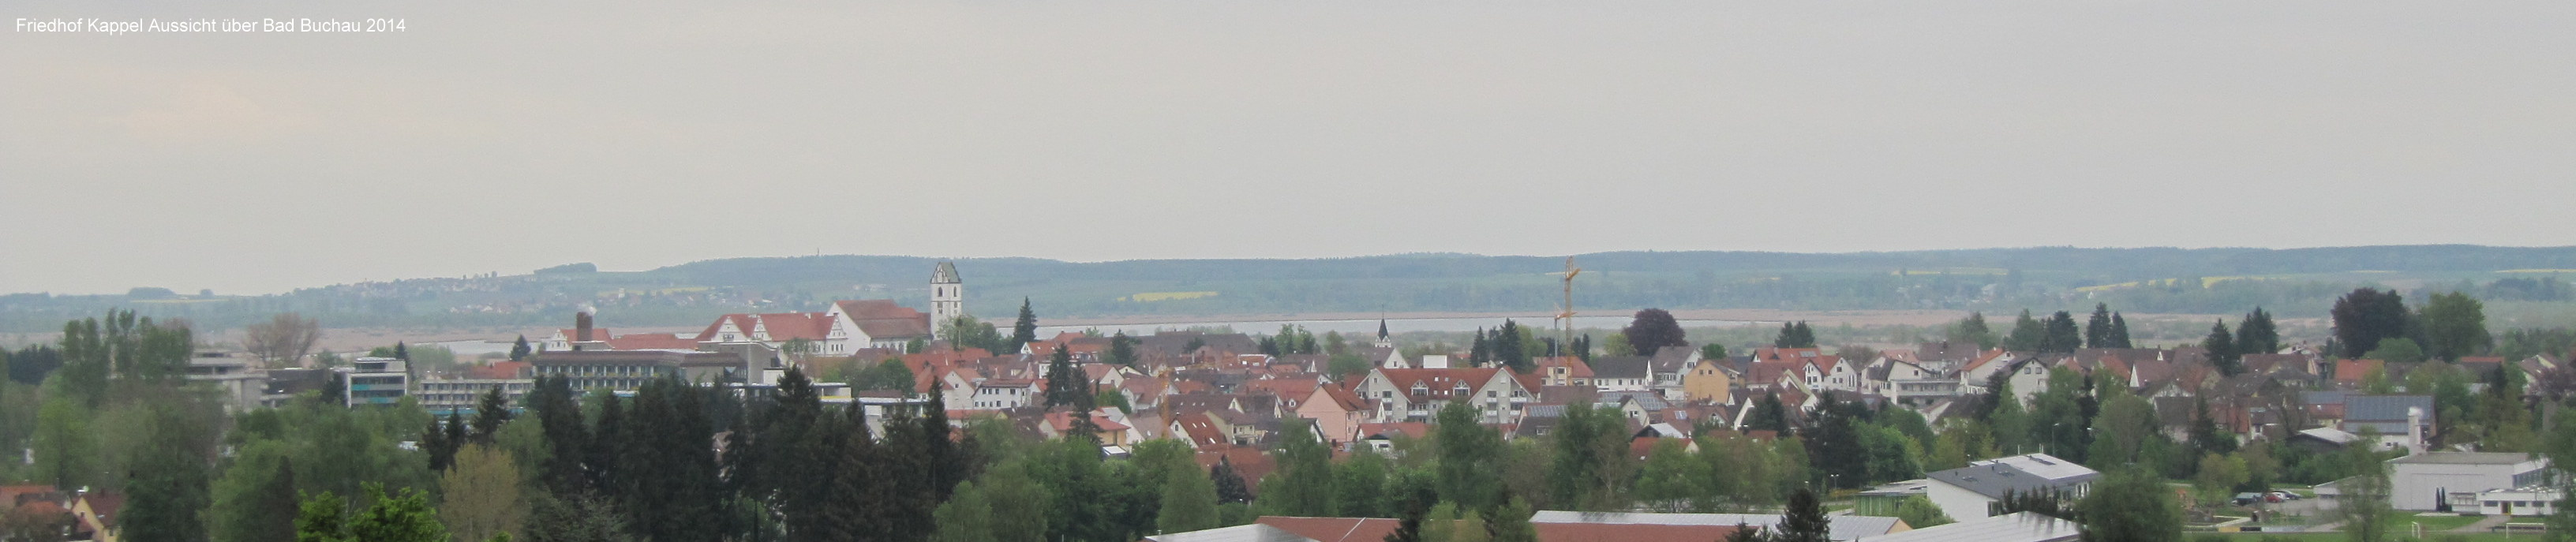 Friedhof Kappel Aussicht über Bad Buchau 2014-001